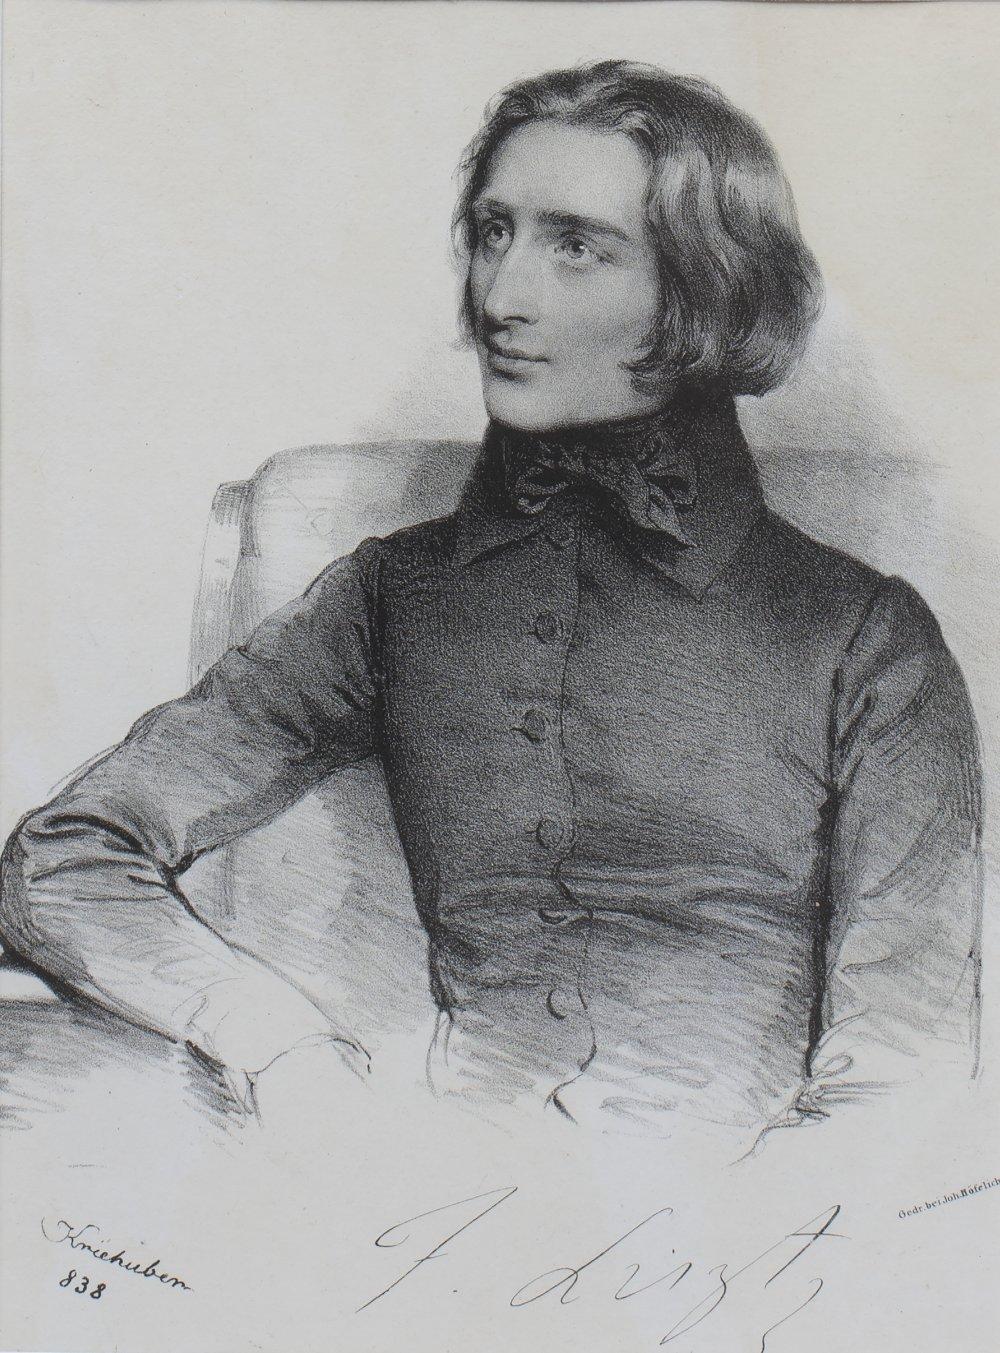 JOSEF KRIEHUBER (1801-1876) Franz Liszt, lithograph, 23 x 17cm